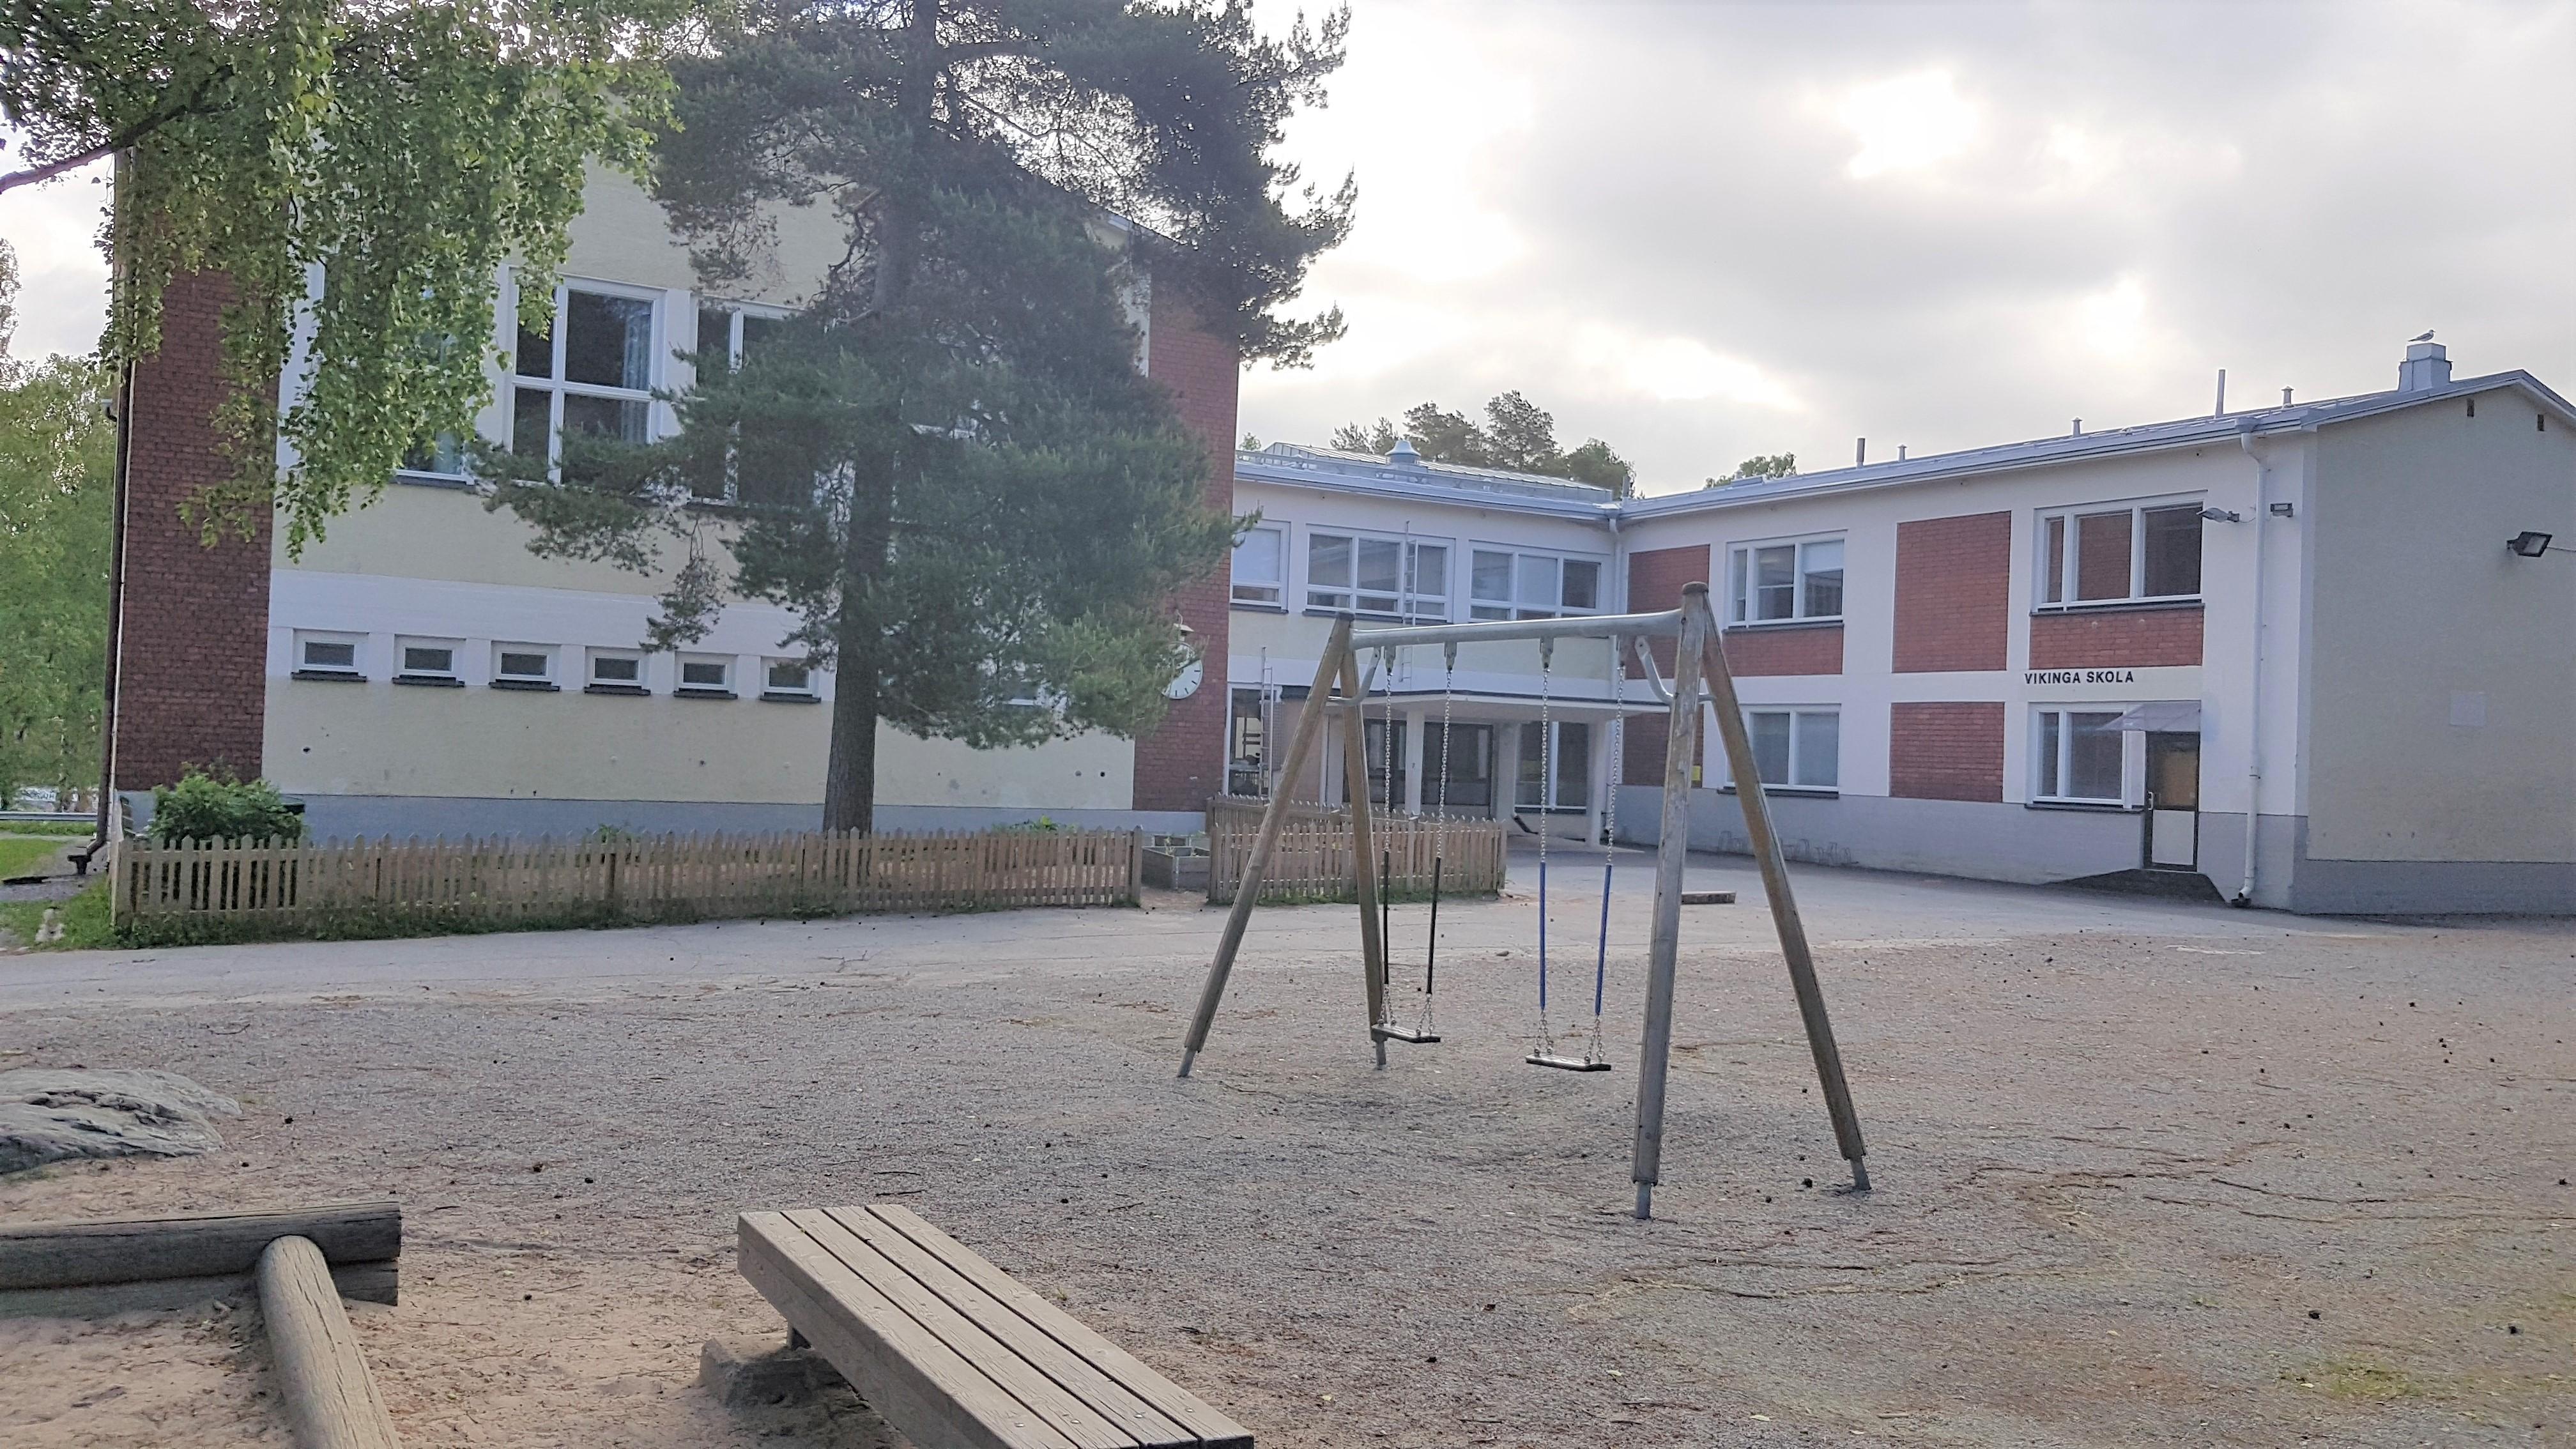 Vikinga skola, Vasa